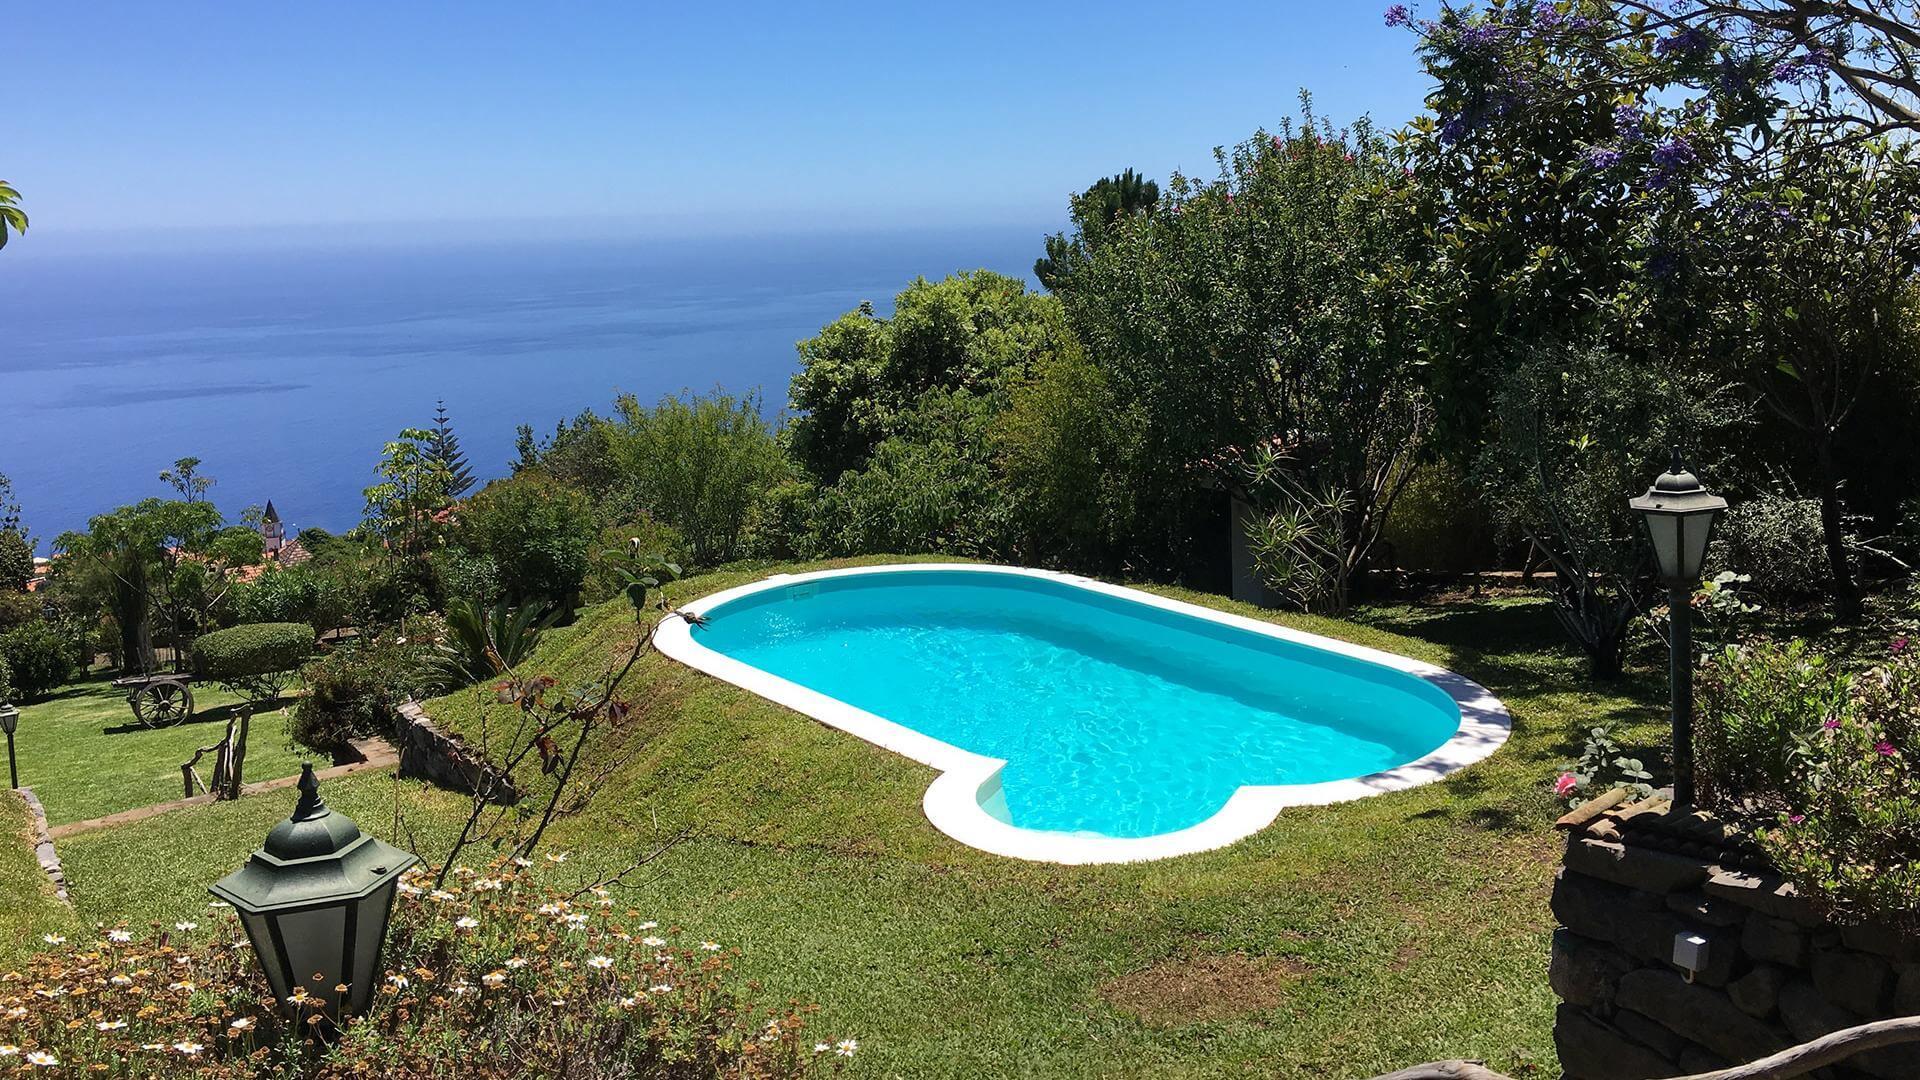 Ovaal zwembad olivia een zwembad met klassieke lijnen for Zwembad afmetingen